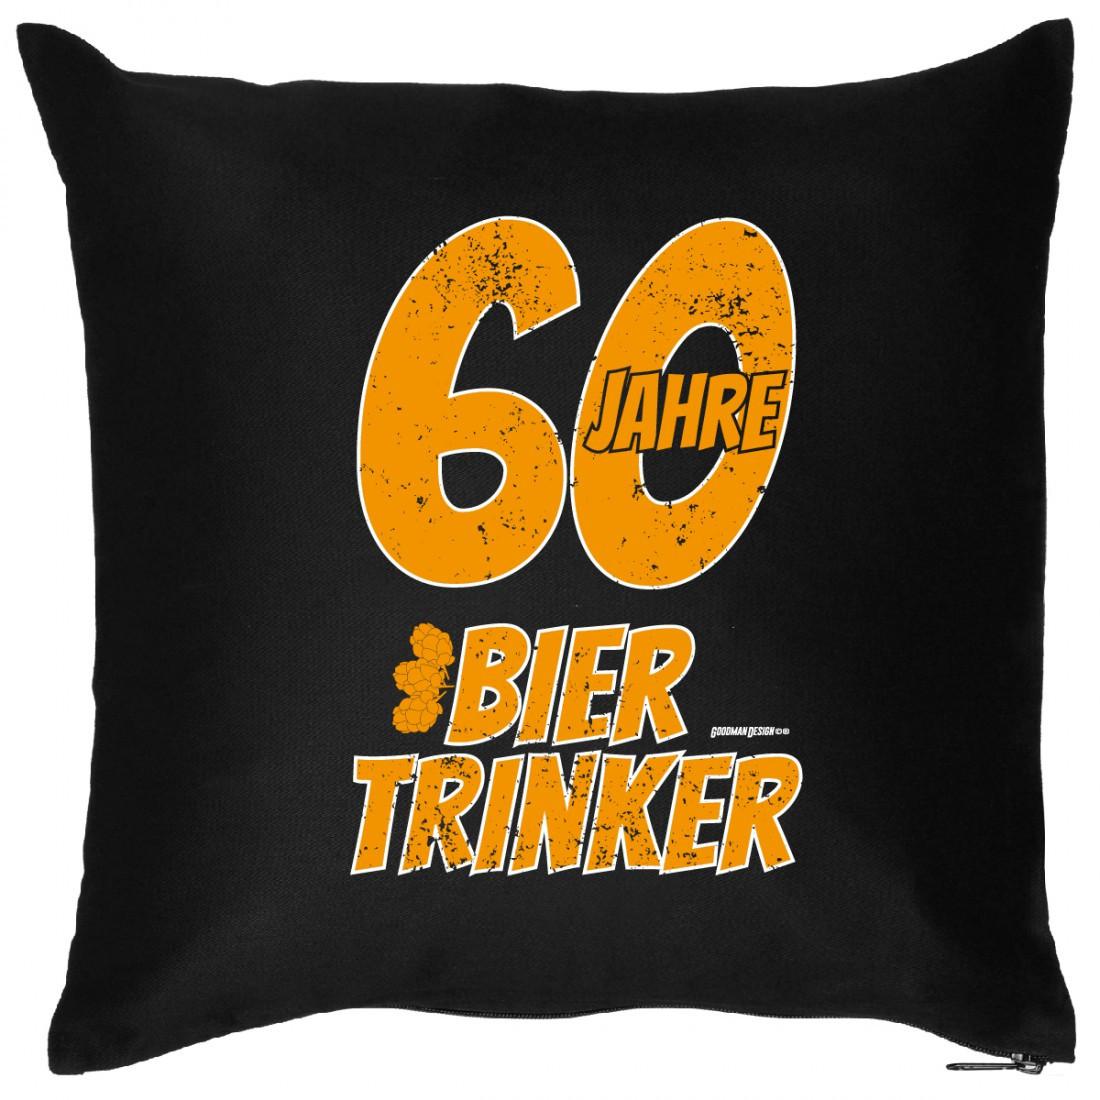 Geburtstagsgeschenk Zum 60  Sofakissen 60 Geburtstag 60 Jahre Bier Trinker lustig